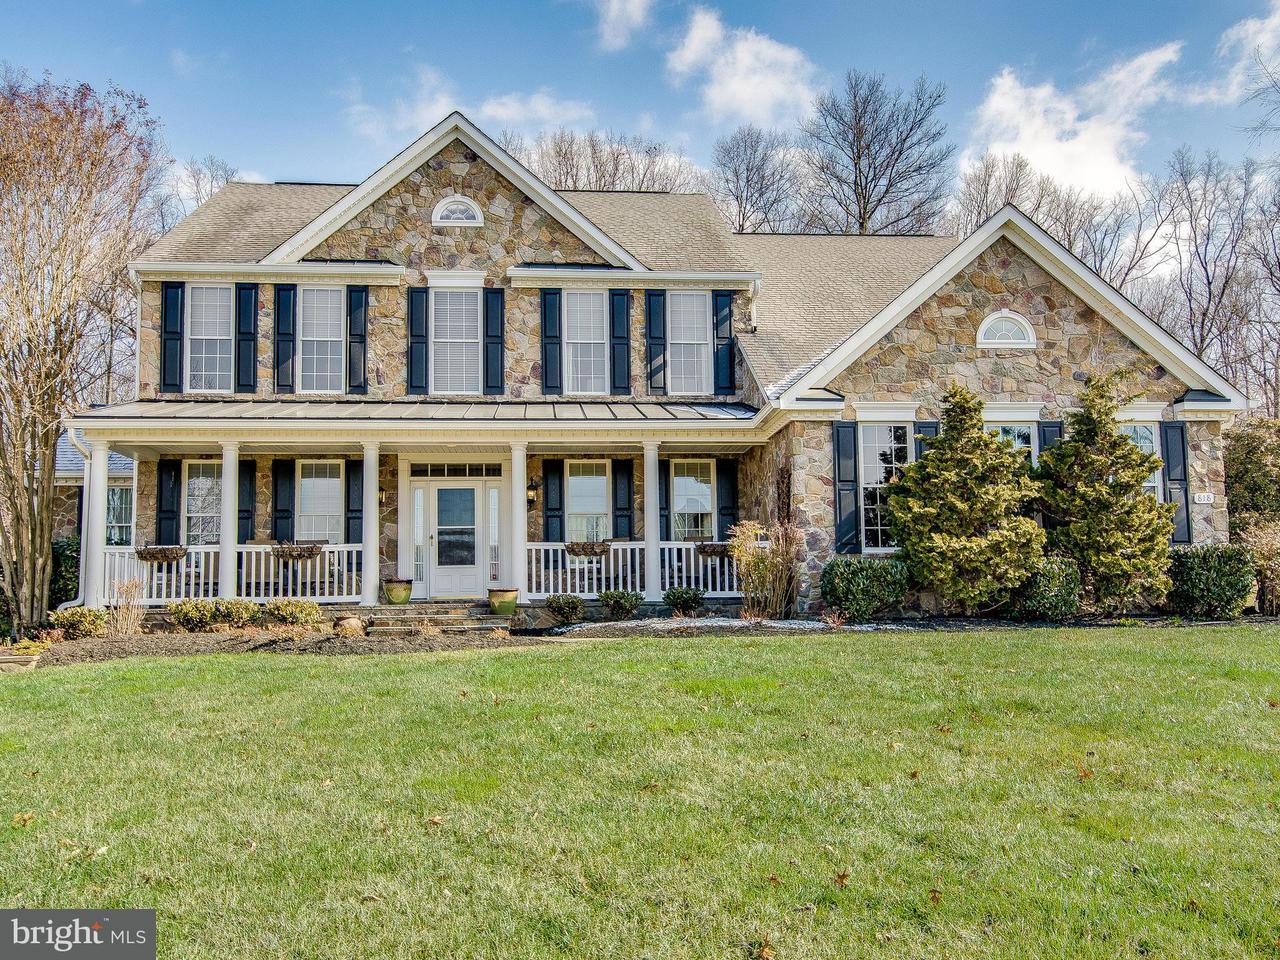 Частный односемейный дом для того Продажа на 818 Avonshire Court 818 Avonshire Court Eldersburg, Мэриленд 21784 Соединенные Штаты